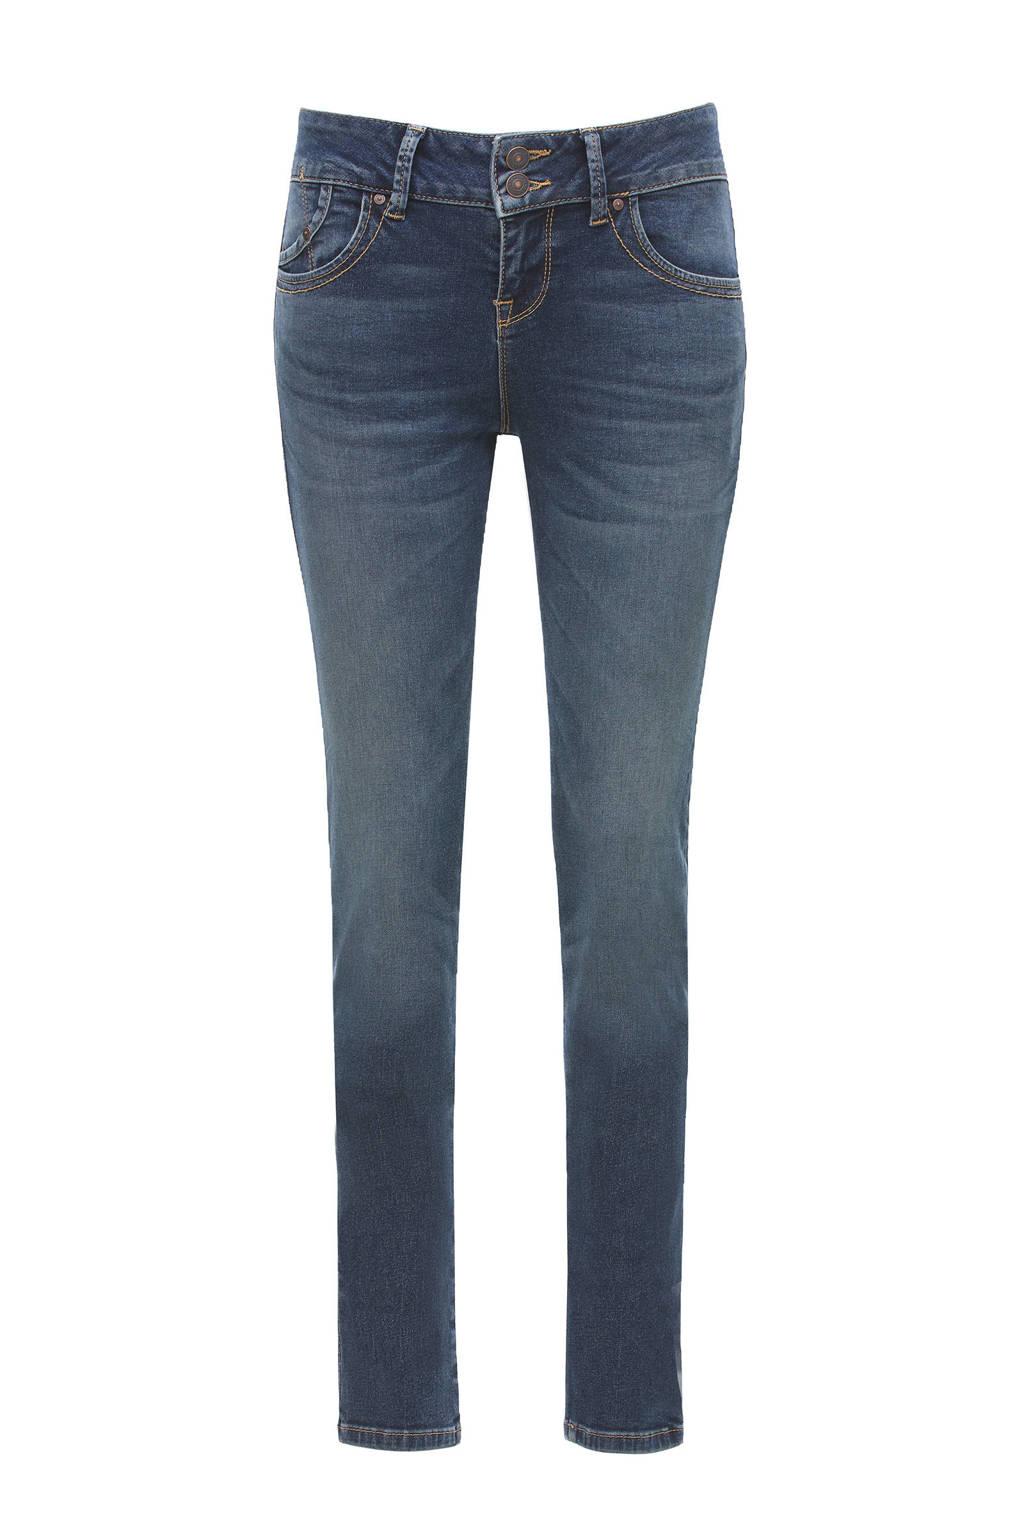 LTB low waist slim fit jeans blauw, Blauw